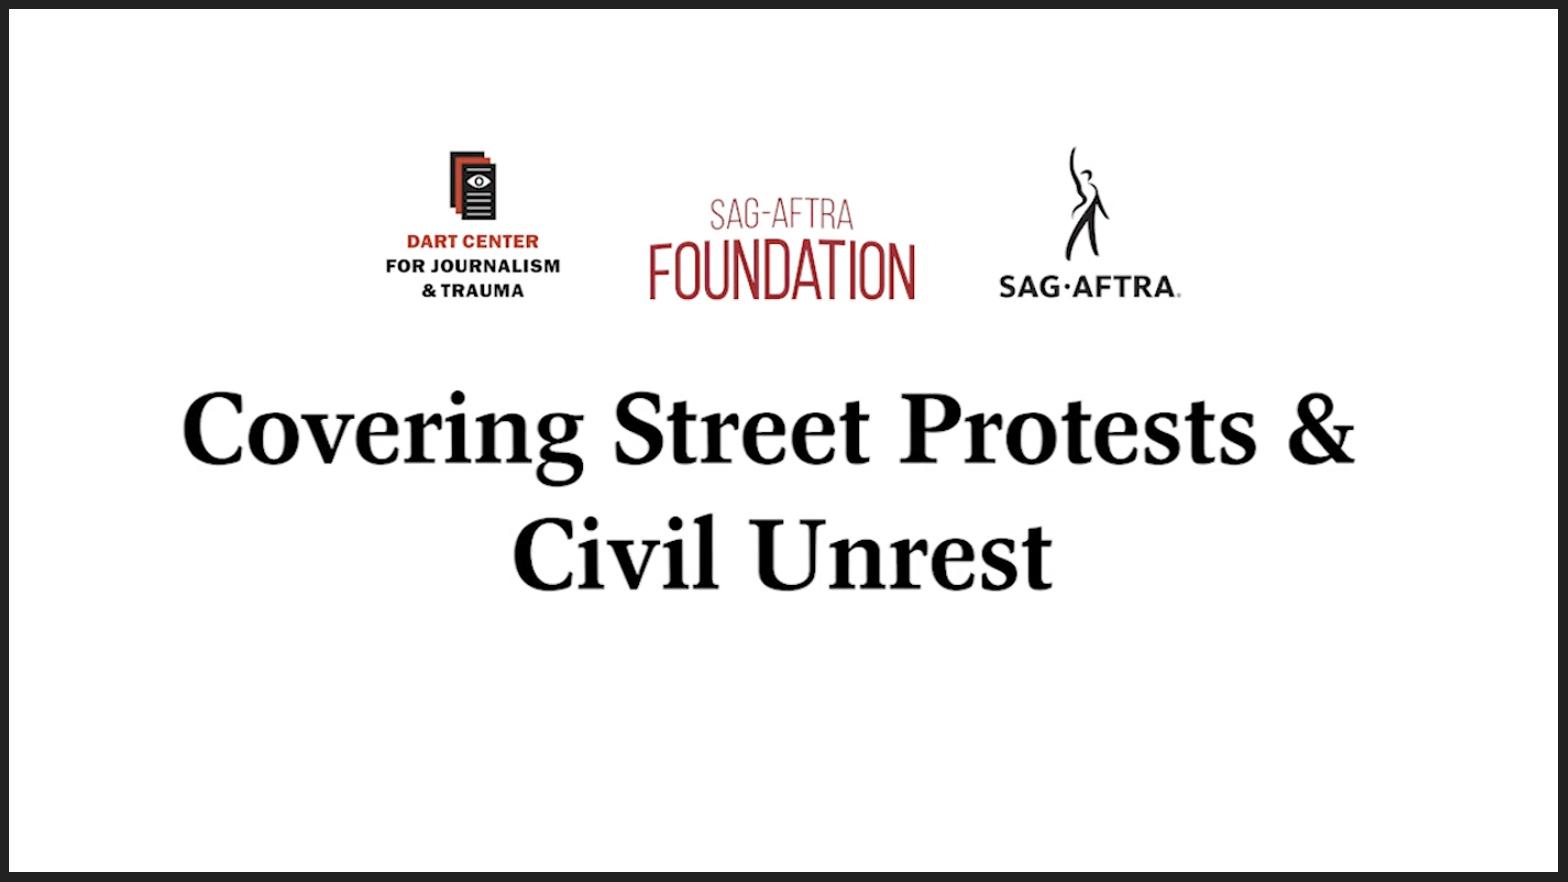 'Dart Center: Covering Street Protests & Civil Unrest' en negro con el logotipo de Dart Center, el logotipo de la Fundación SAG-AFTRA y el logotipo de SAG-AFTRA en la parte superior